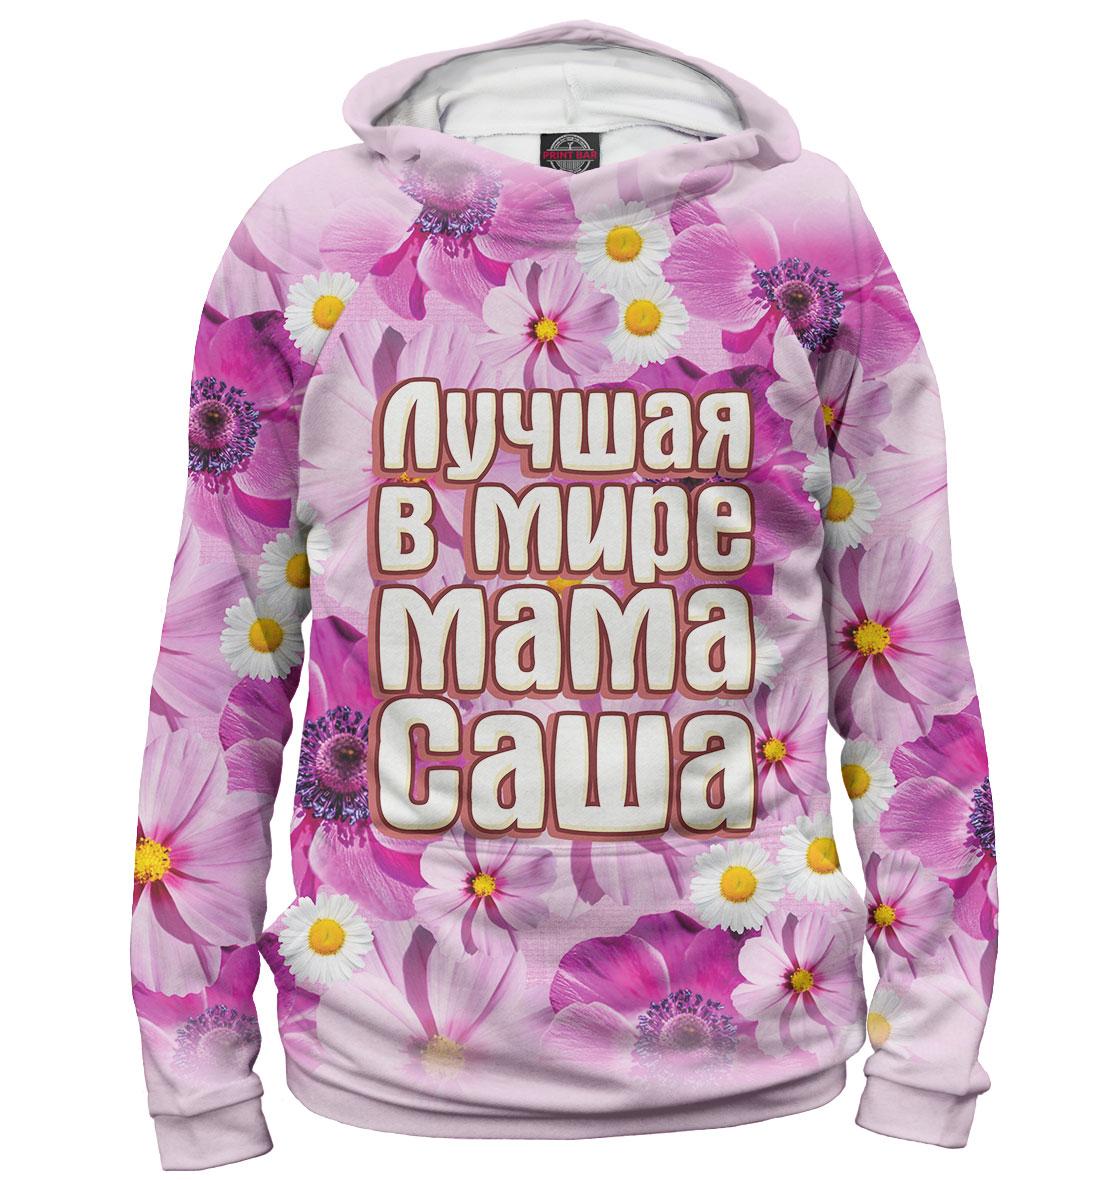 Купить Лучшая мама в мире Саша, Printbar, Худи, ALX-906928-hud